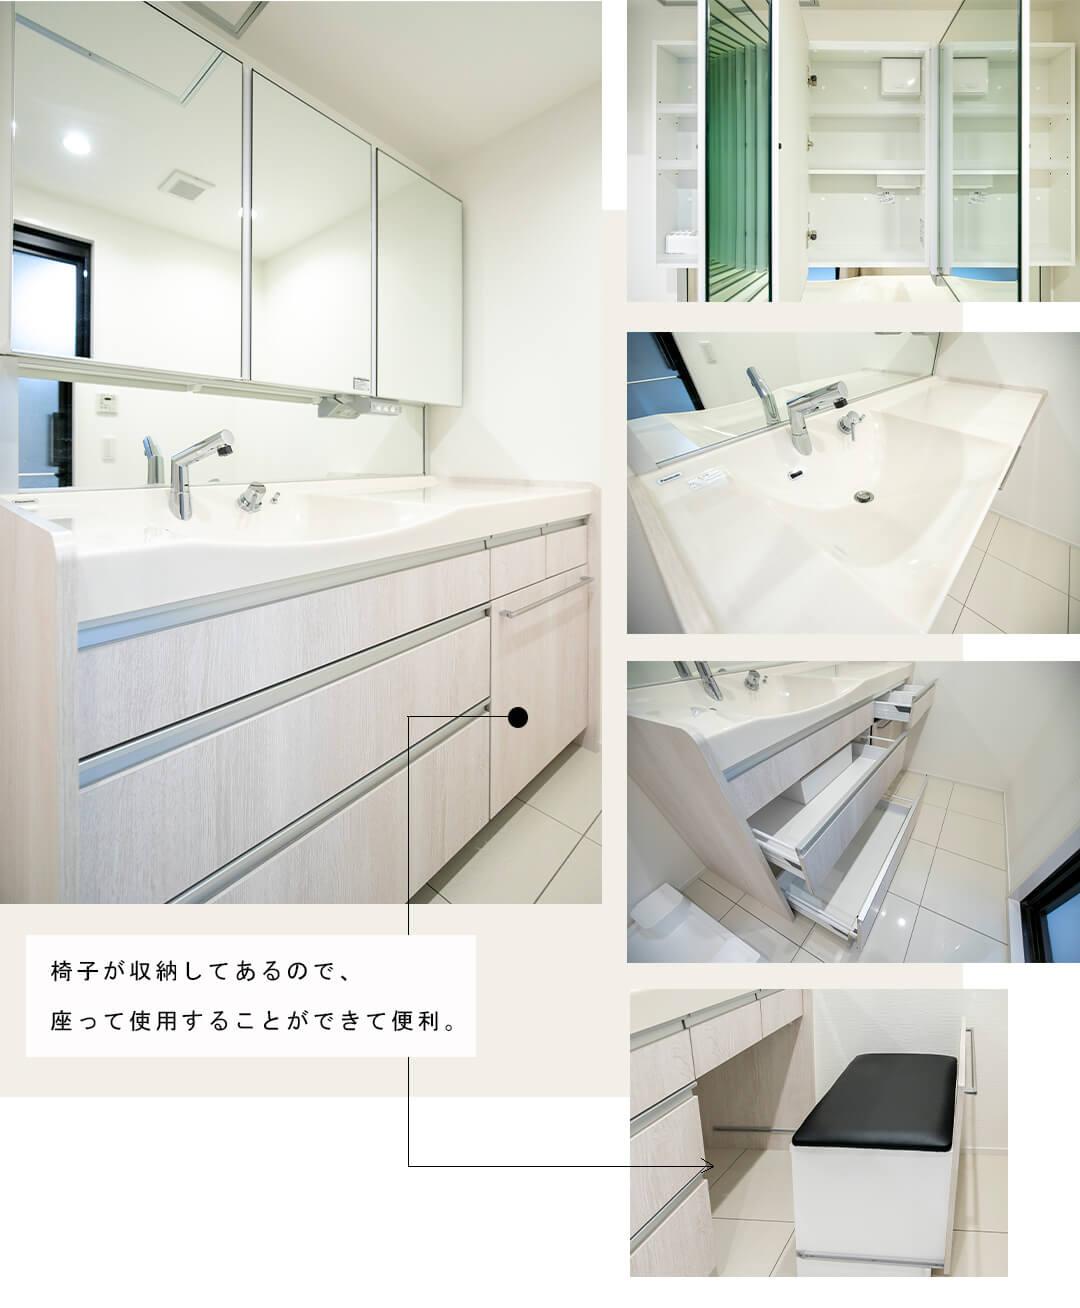 銀座タワーの洗面室